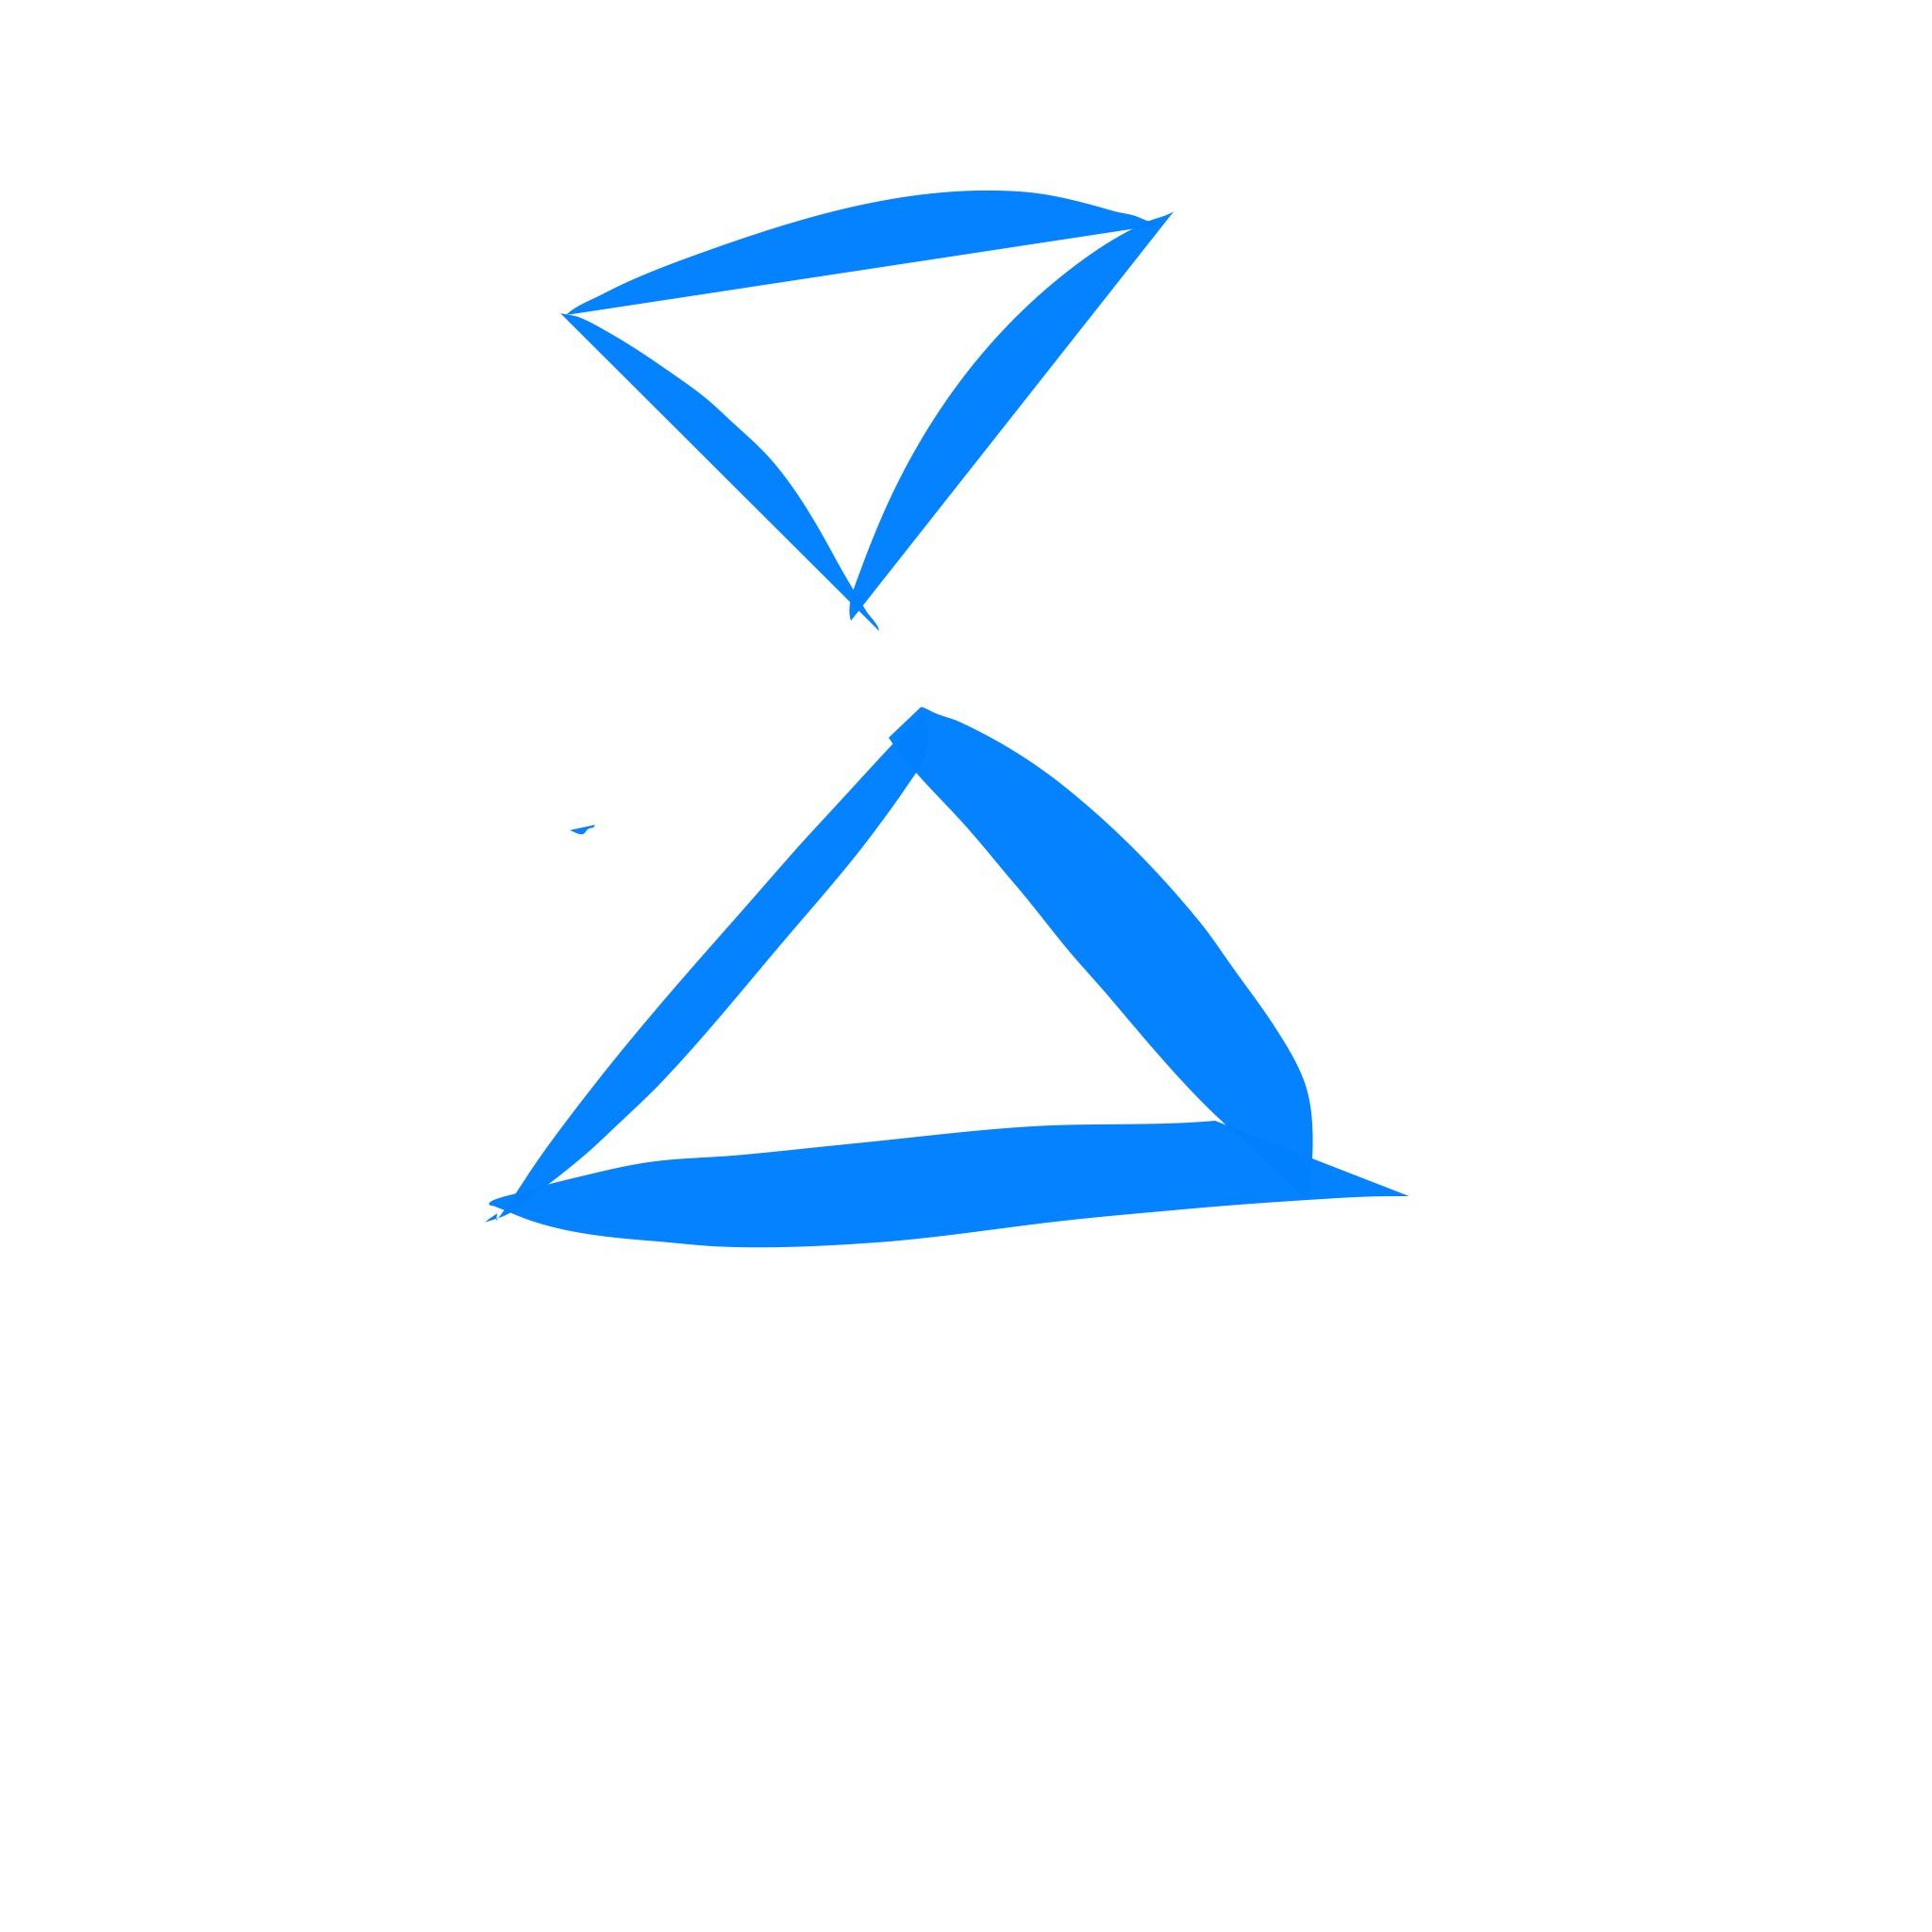 מְצַיְּרִים מָגֵן דָּוִד by Sigal Magen - Illustrated by סיגל מגן - Ourboox.com